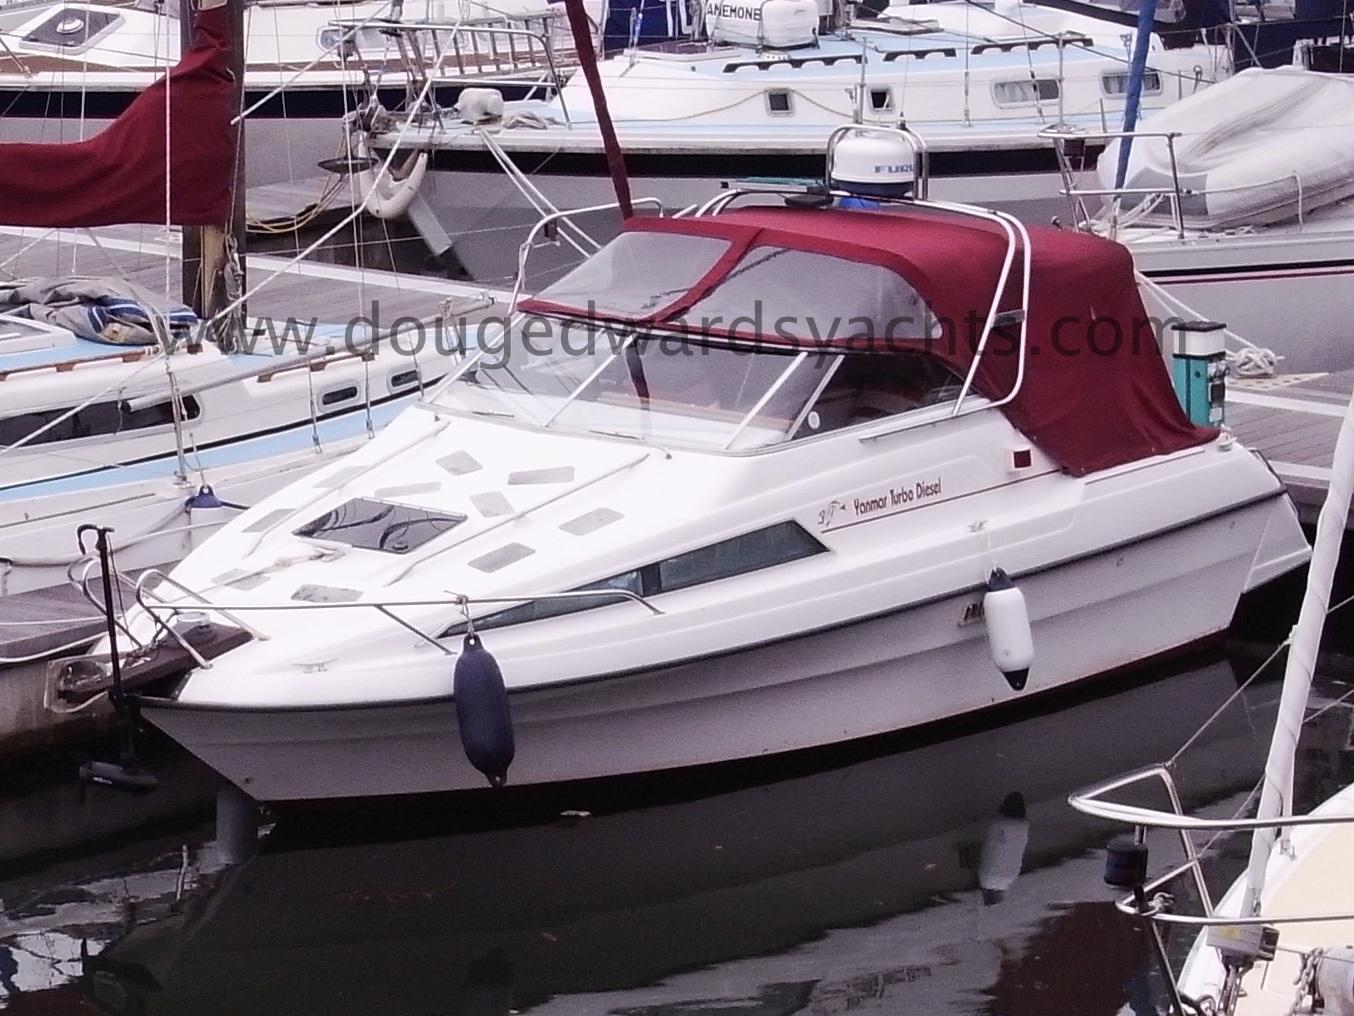 Skibsplast 700D Image